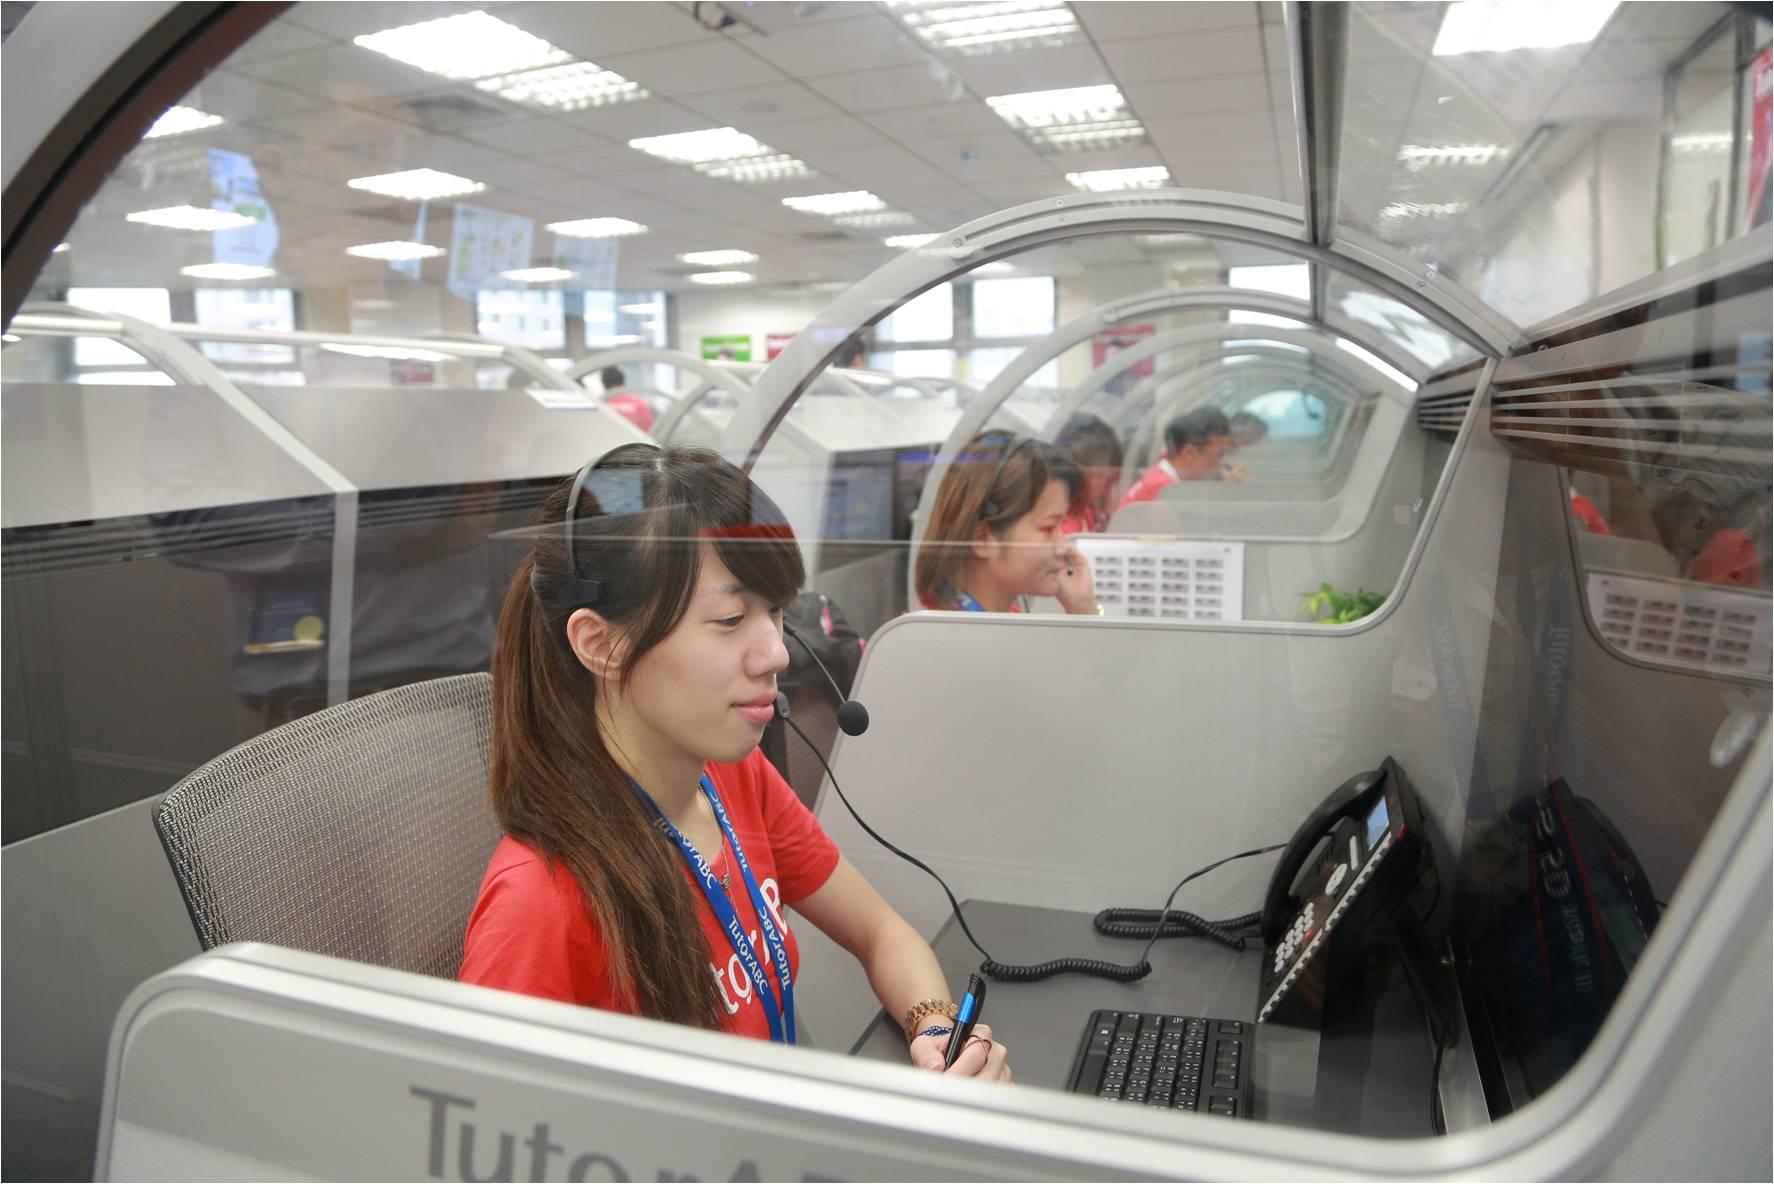 專業的電銷團隊 屢創業績新高、挑戰高薪